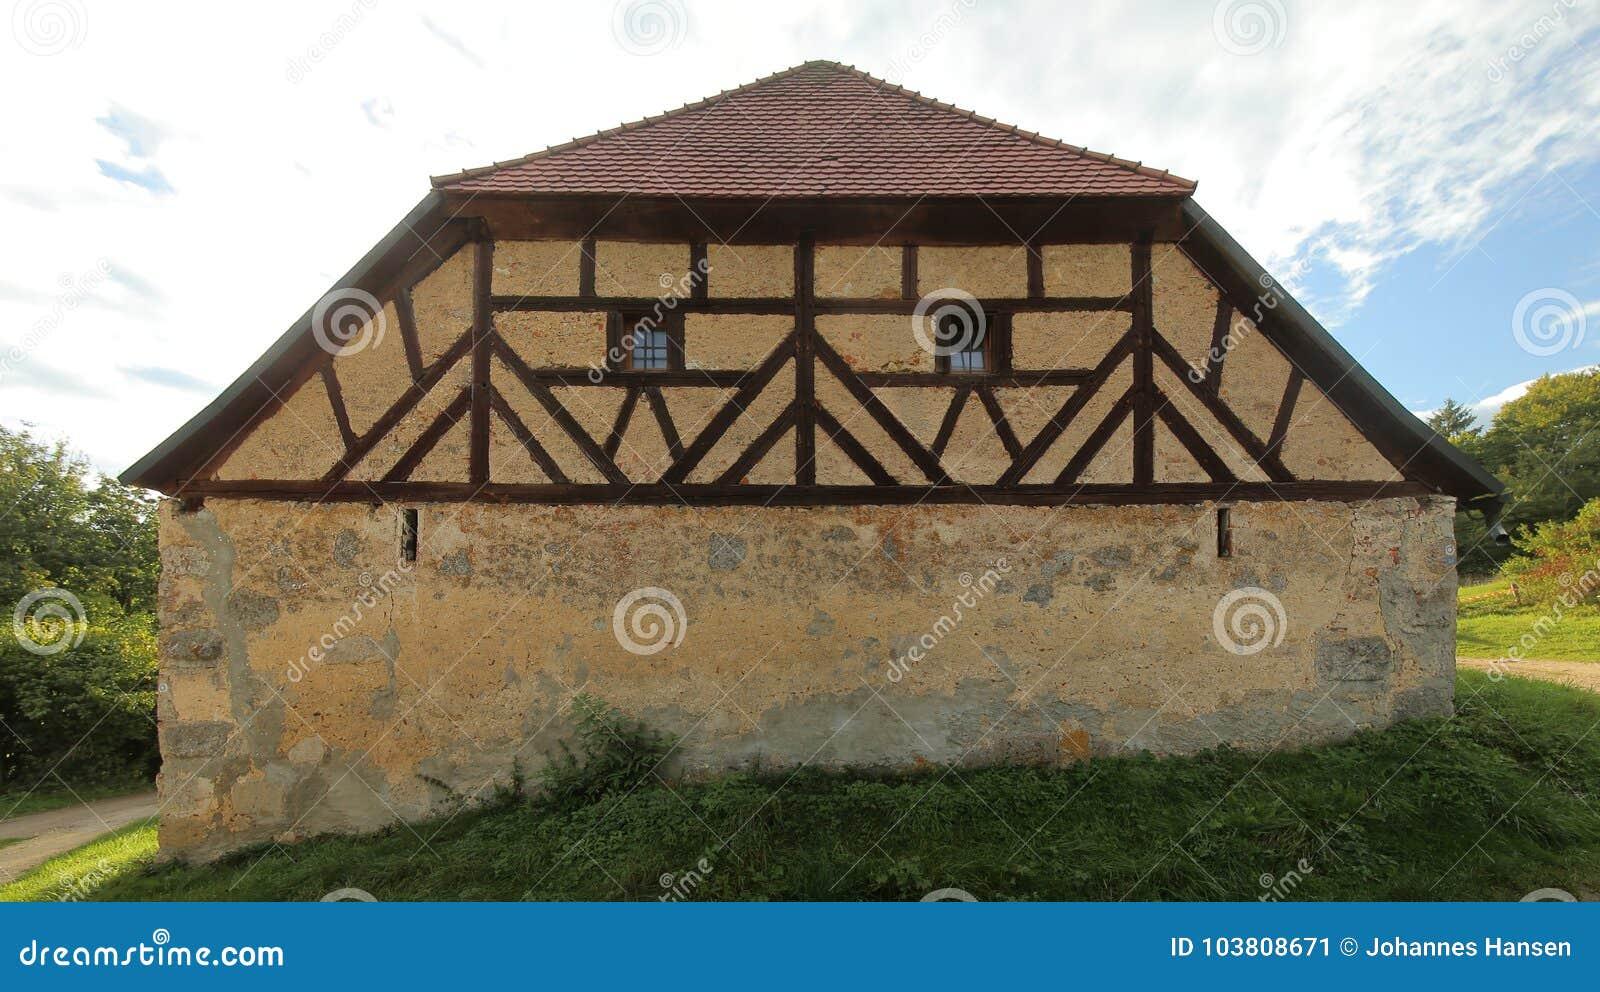 Historische Fachwerk- Scheune in Pfaffenhofen, obere Pfalz, Deutschland